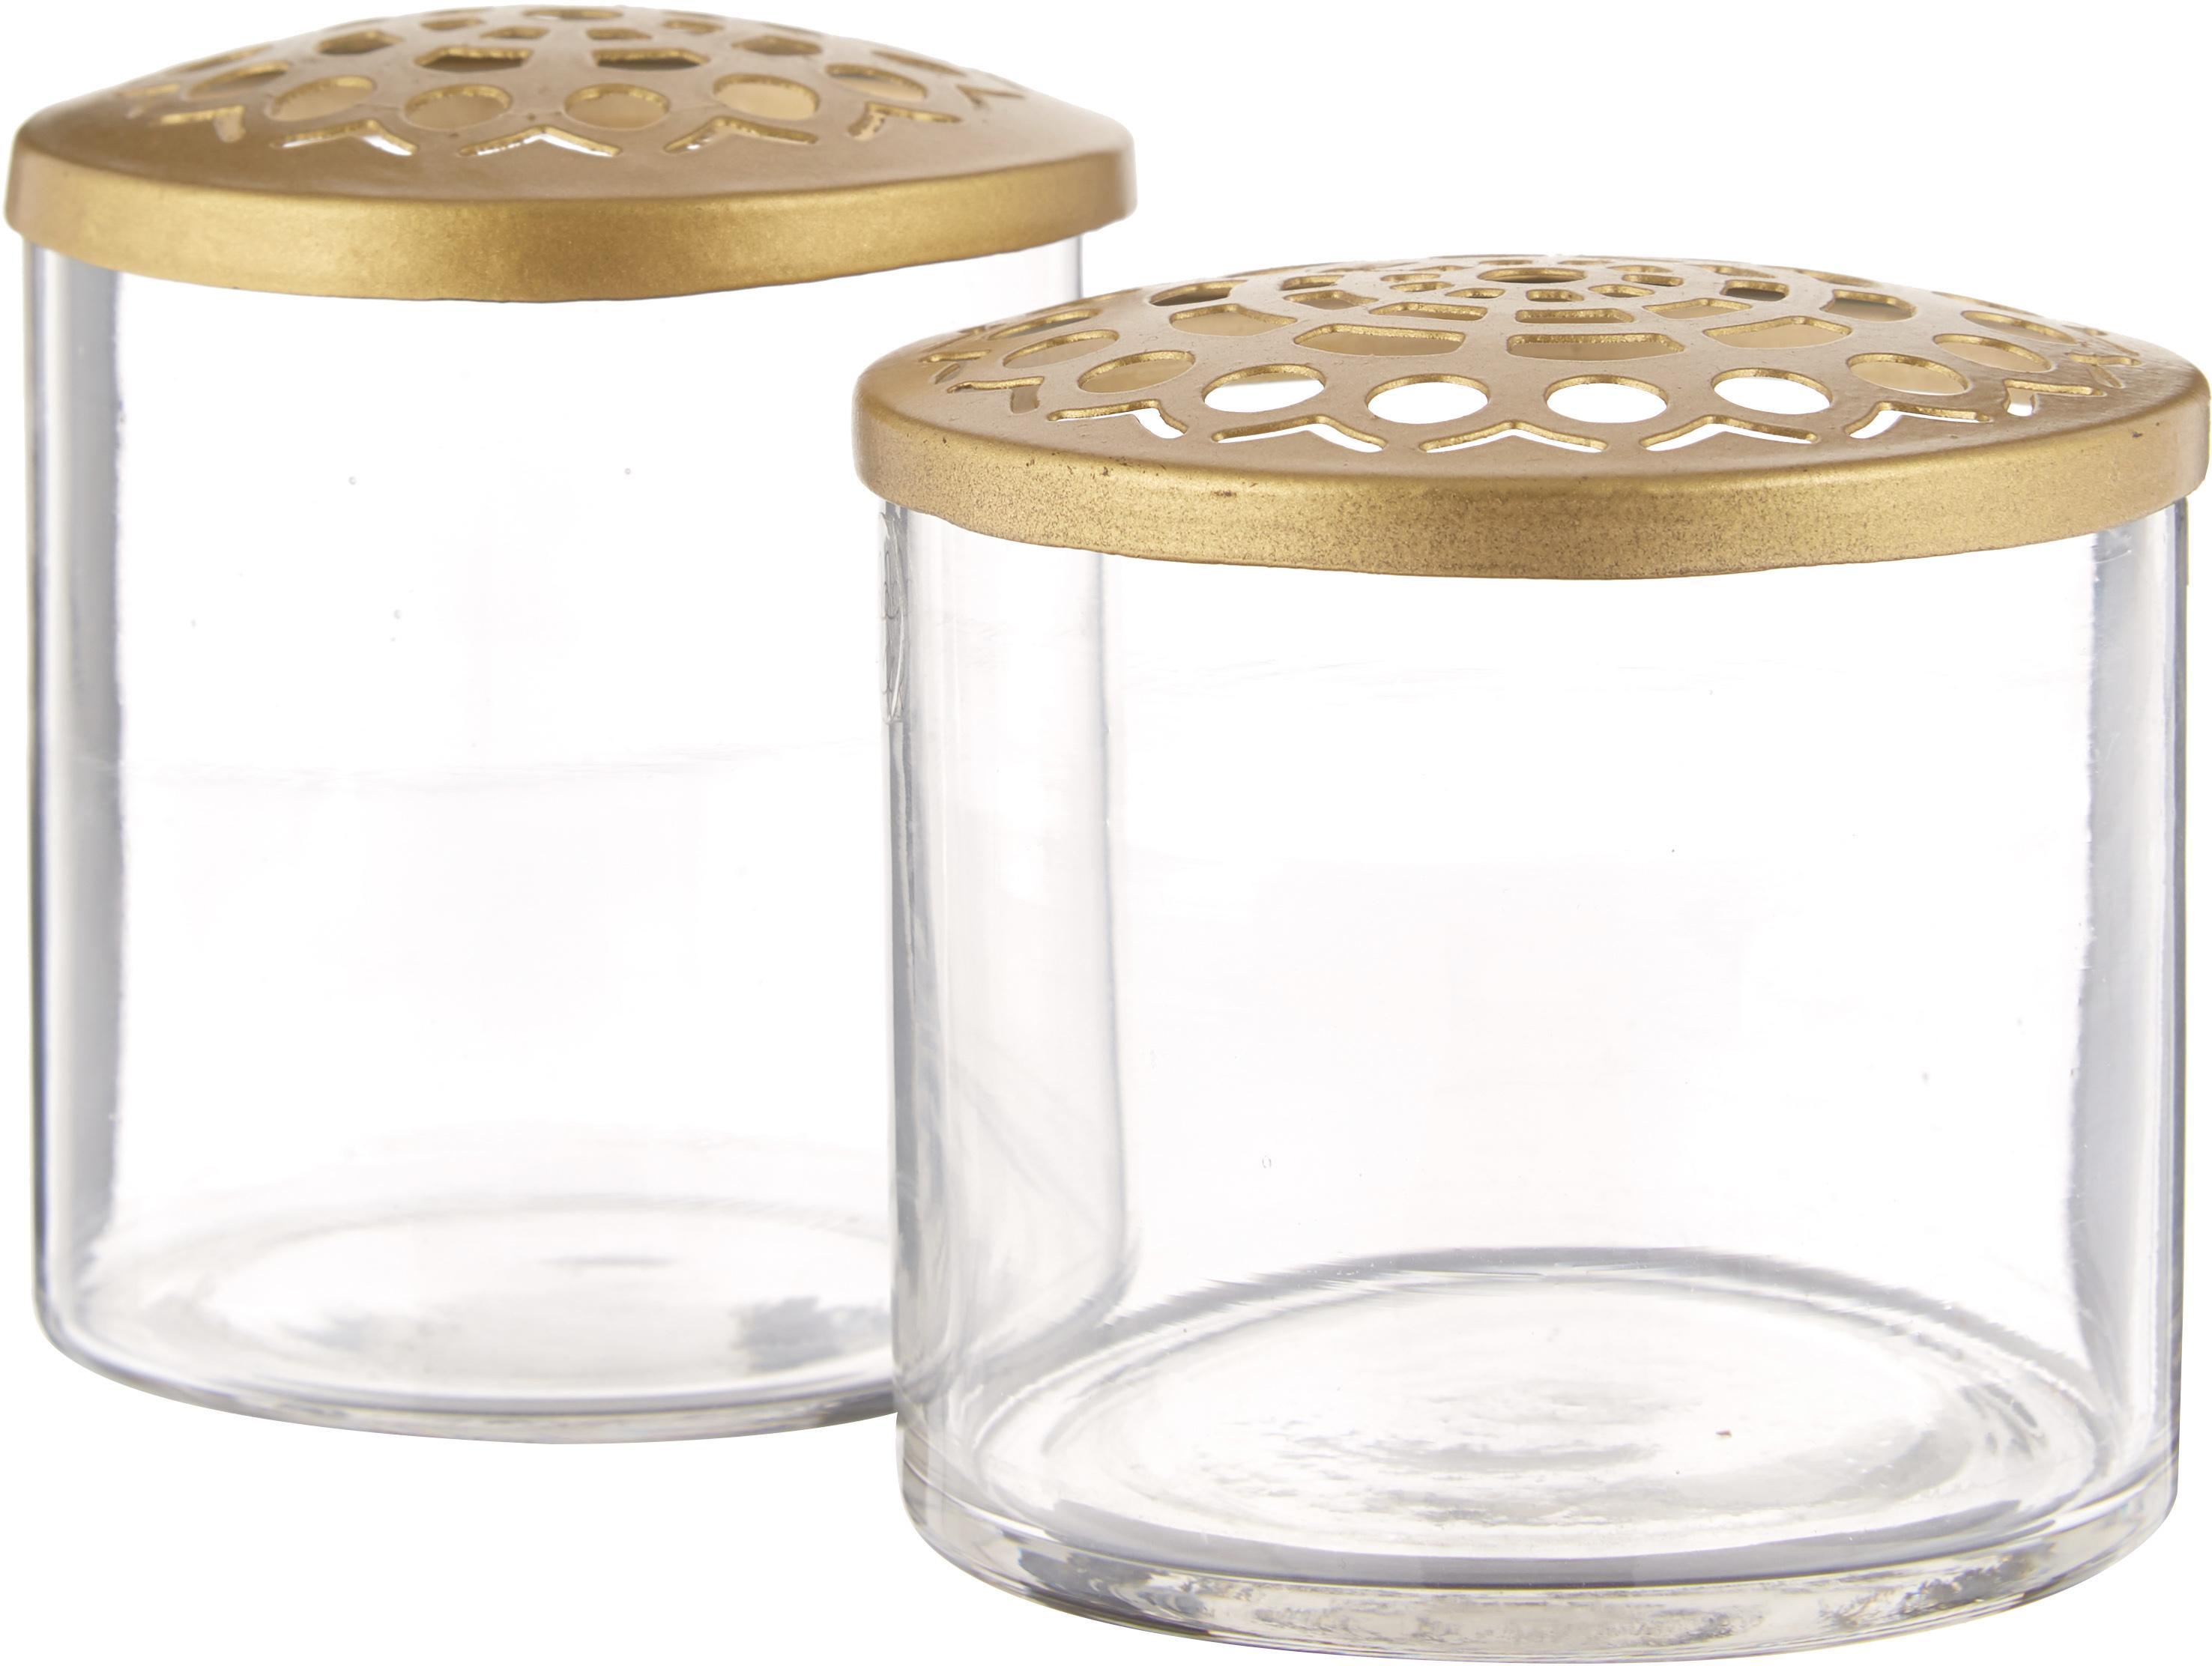 Set 2 vasi con coperchio in metallo Kastanje, Vaso: vetro, Coperchio: acciaio inossidabile otto, Vaso: trasparente Coperchio: ottone, Diverse dimensioni